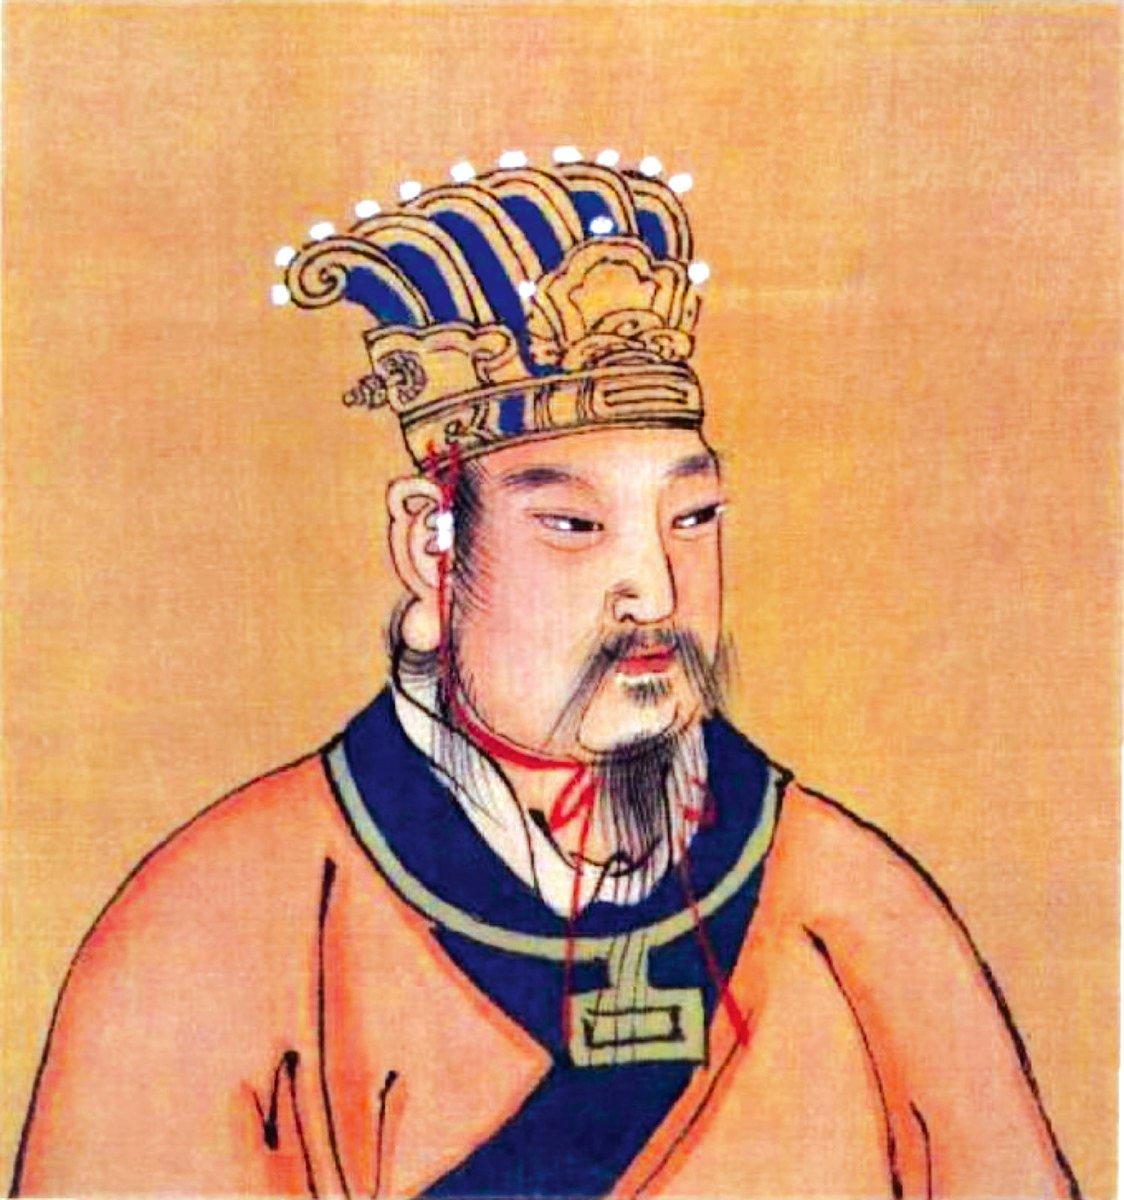 周朝,是一個君子輩出的時代,如周文王、周武王等。圖為周文王畫像,明人繪。(公有領域)